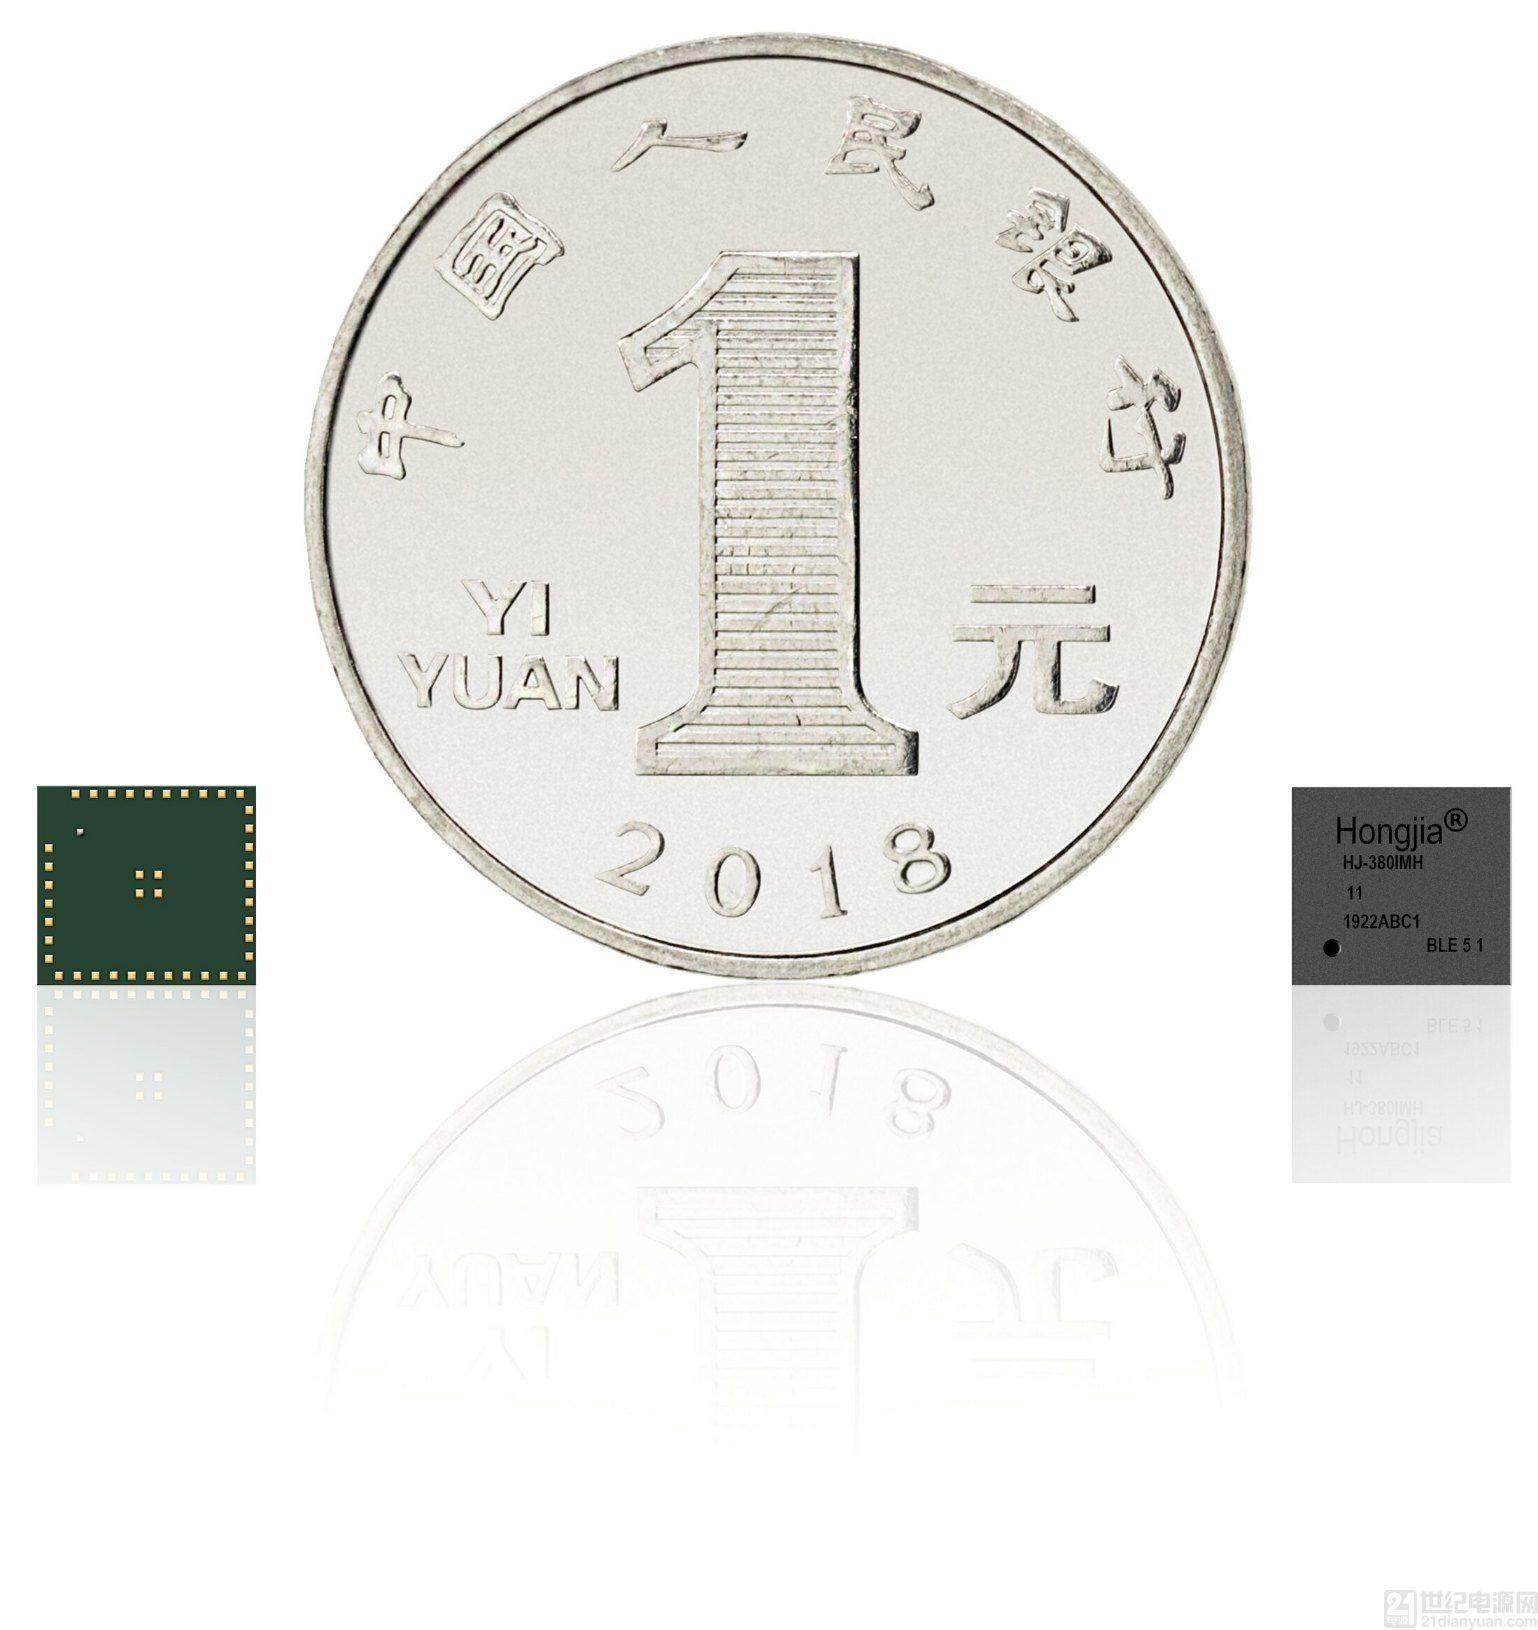 蓝牙 5.1 / 低功耗蓝牙模块推动 OEM 厂商开发具有测向和长距离连接功能的物联网产品设计